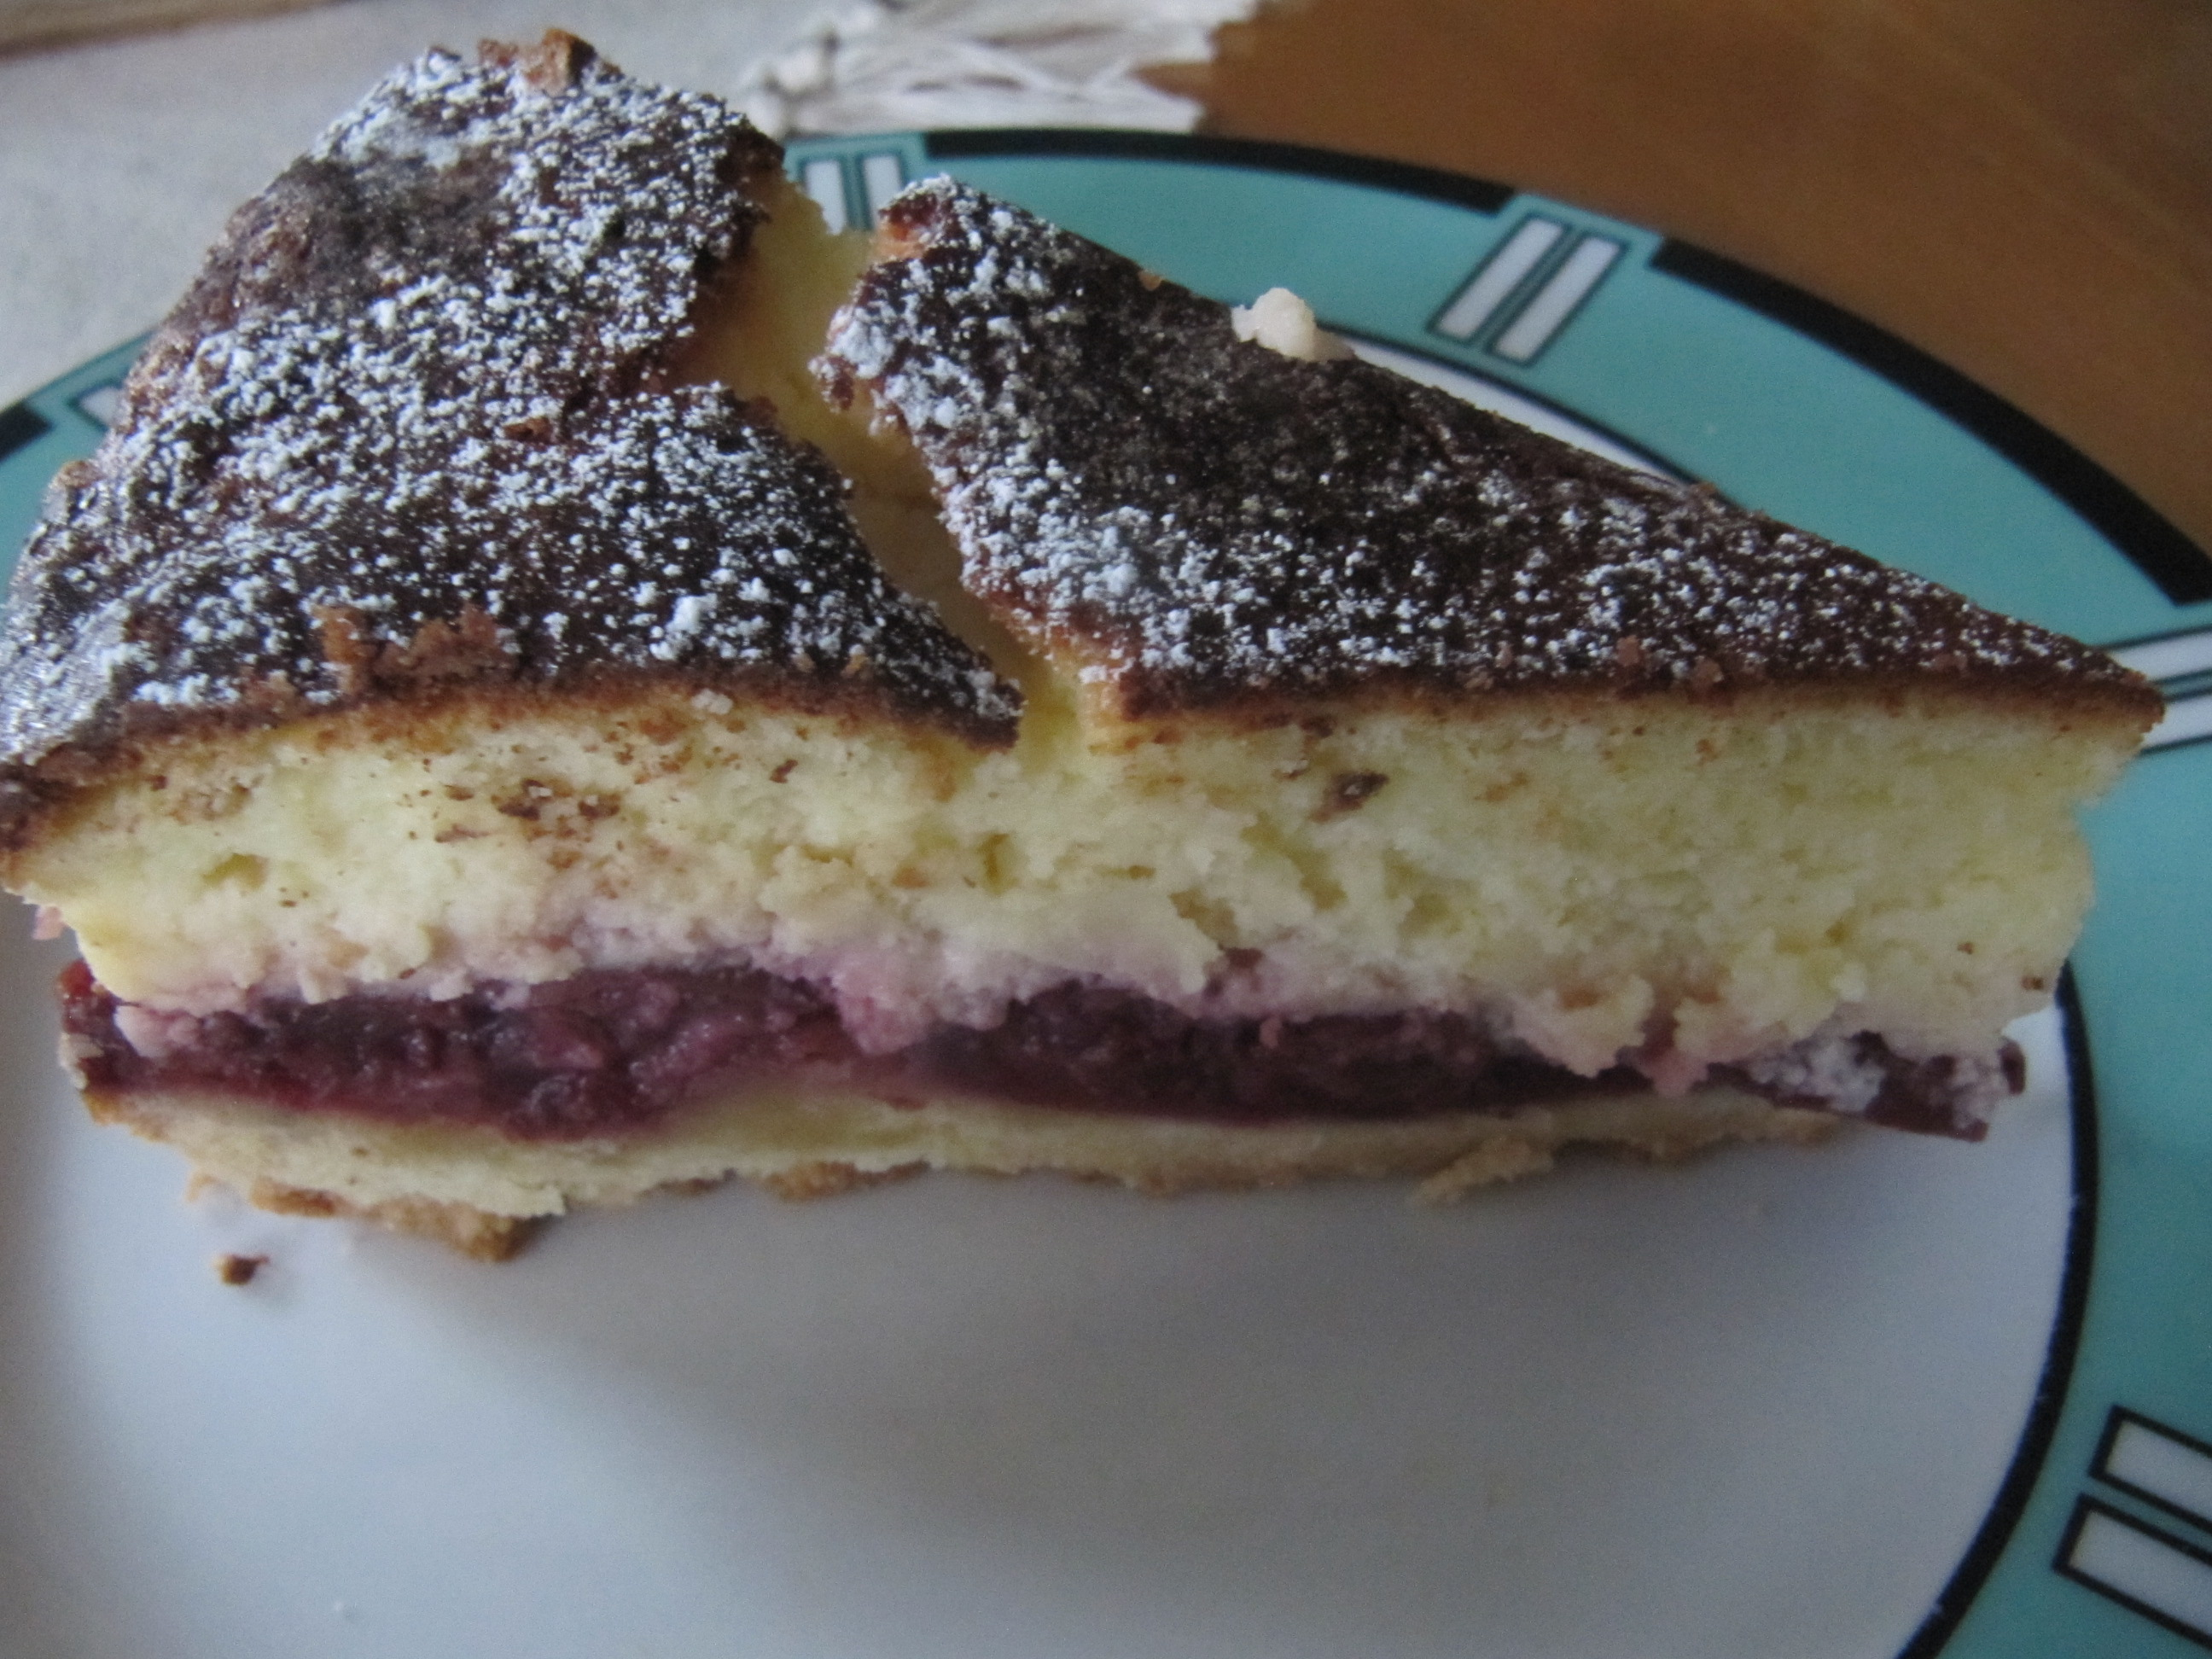 Kuchen Quark Creme Fraiche Fantaschnitten Mit Mandarinen Cuplovecake